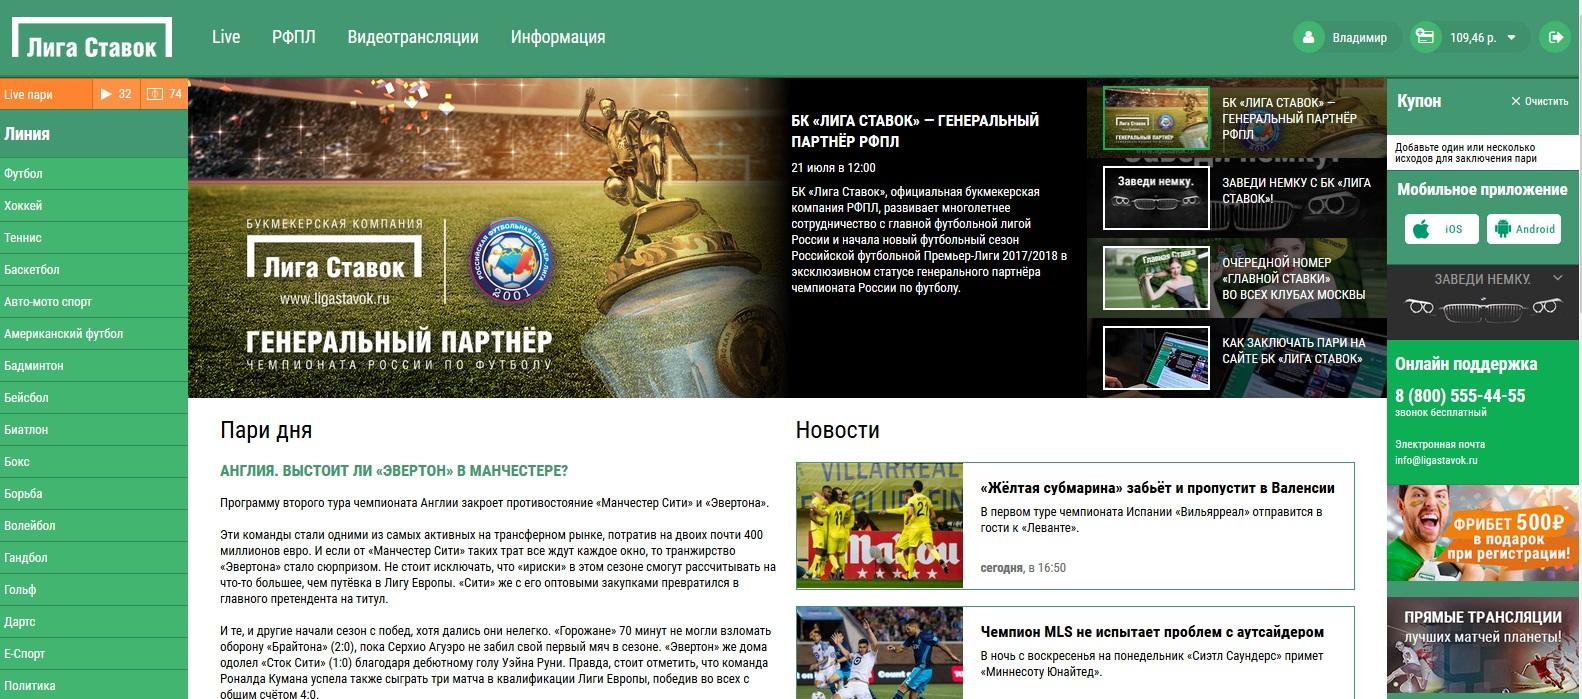 Лига Ставок — букмекерская контора, сайт БК Liga Stavok